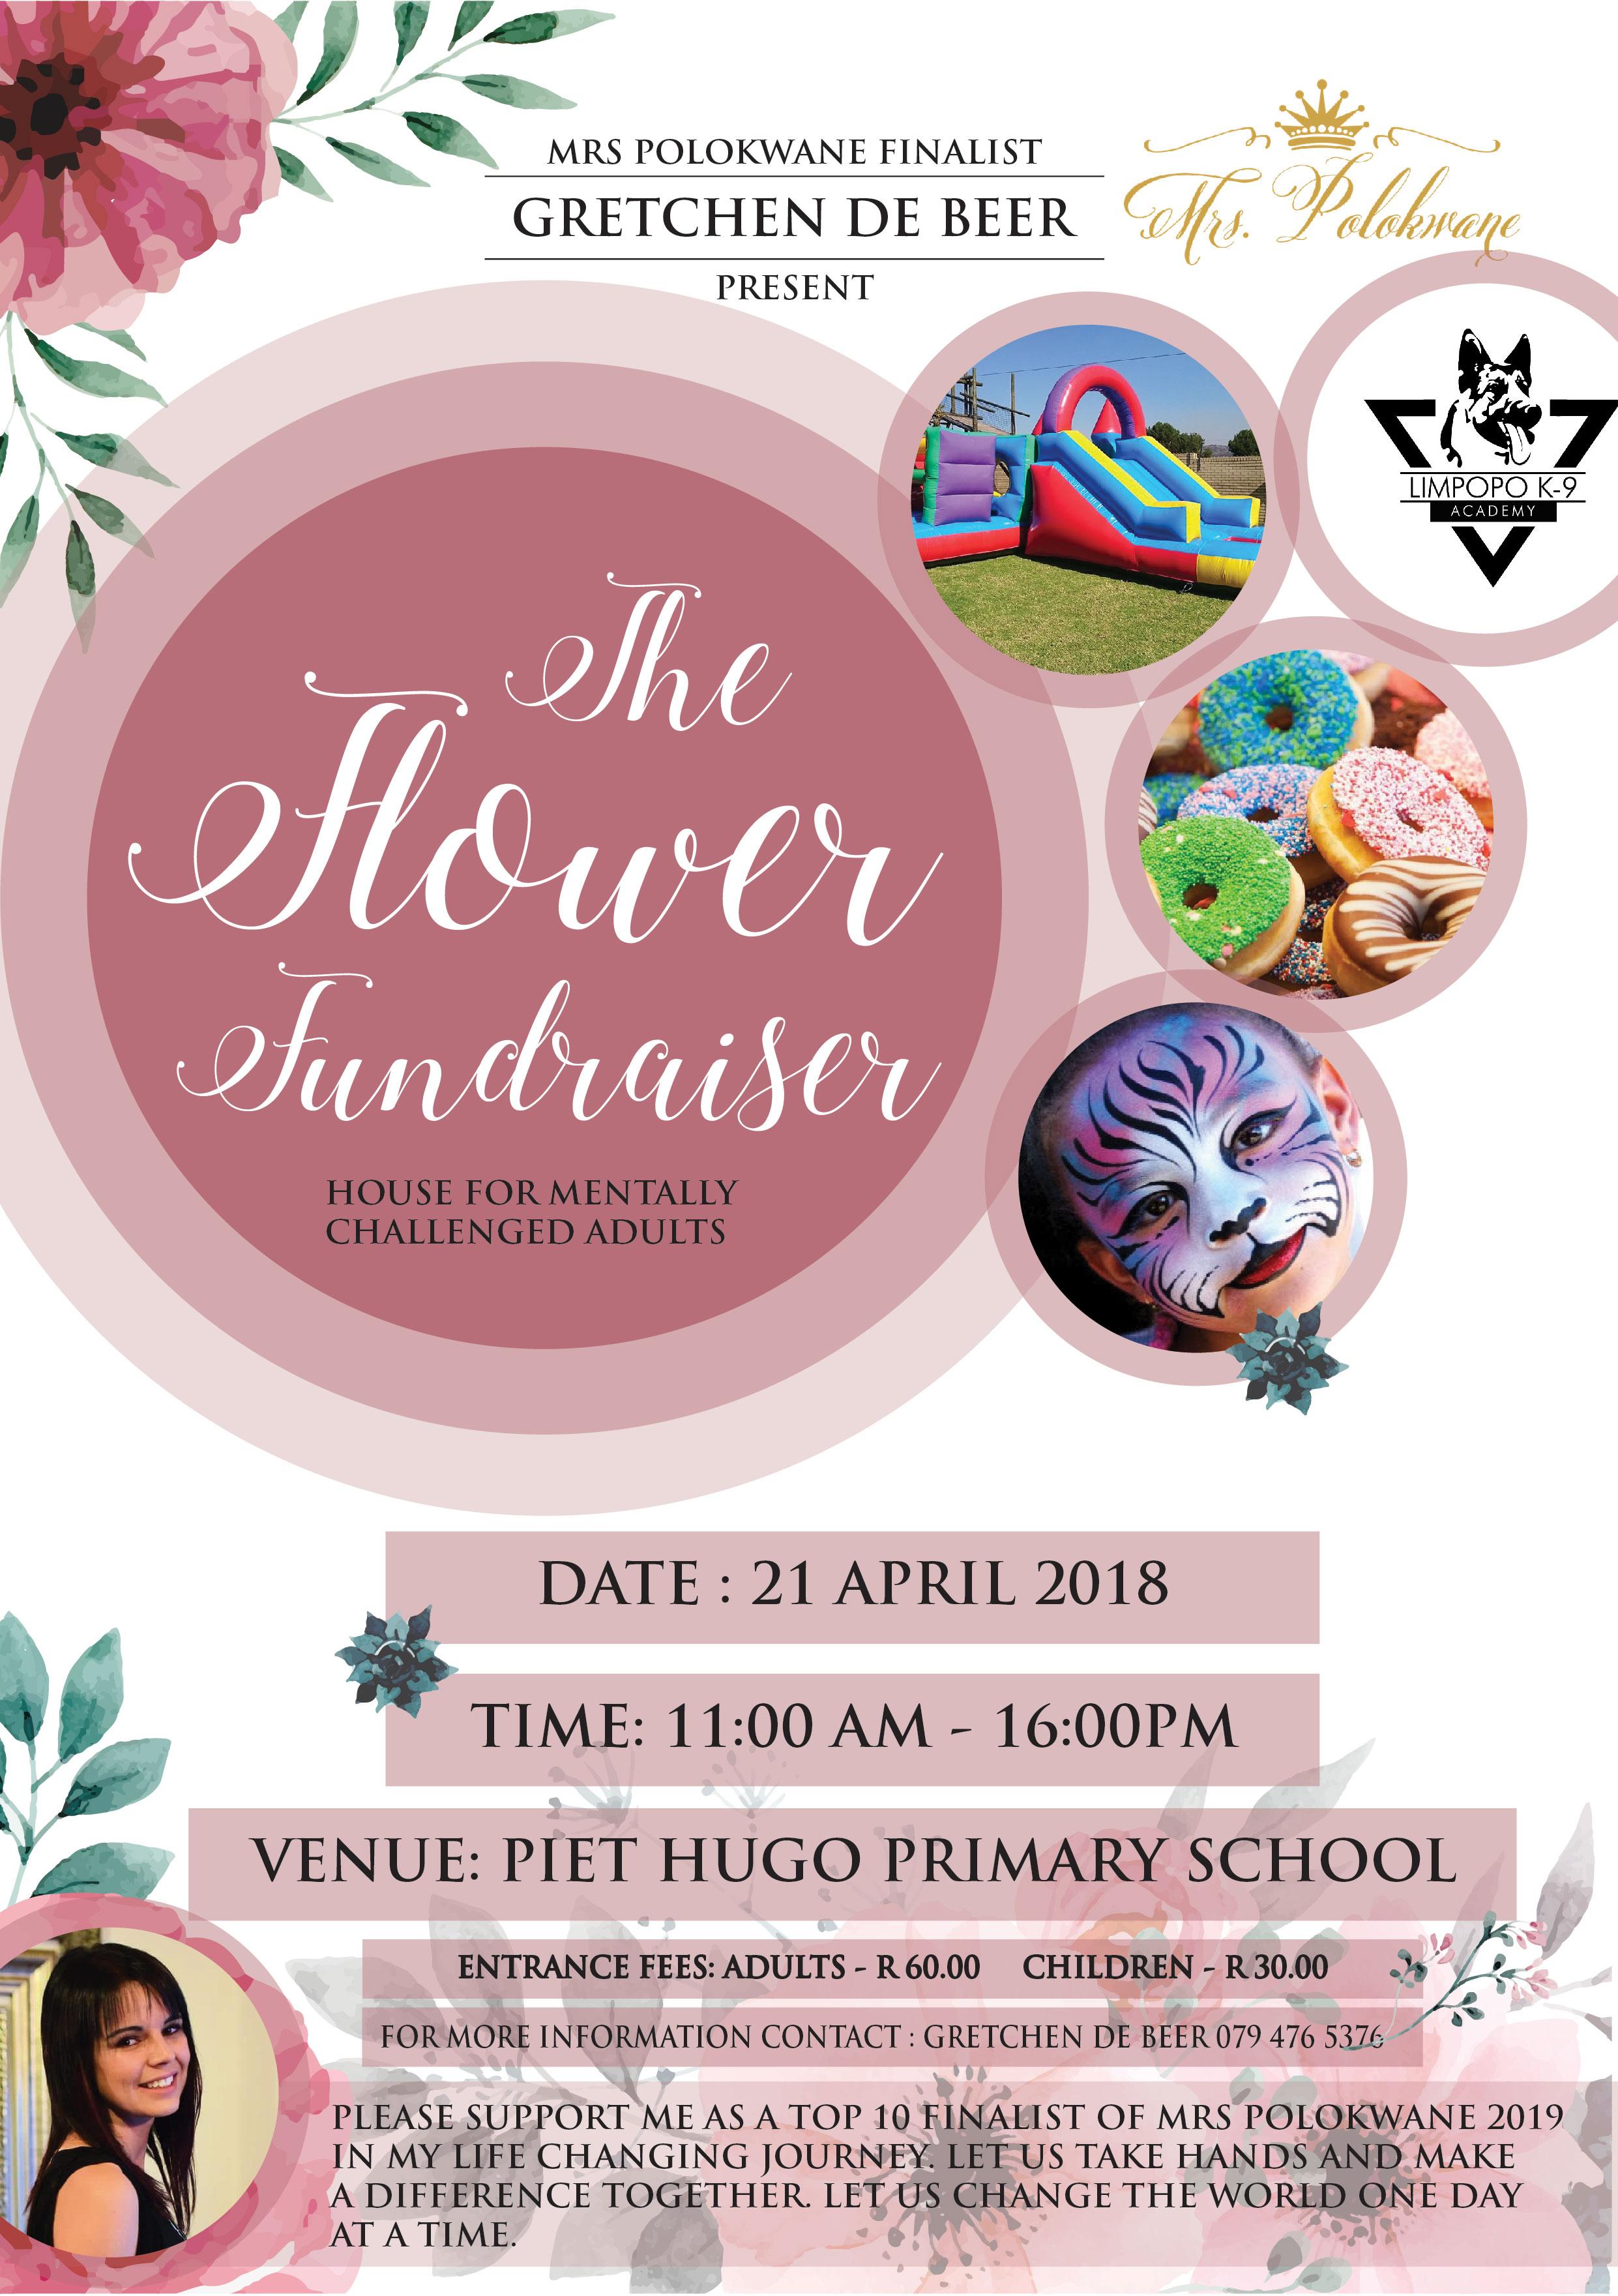 mrs polokwane the flower fundraiser a5 flyer design intense